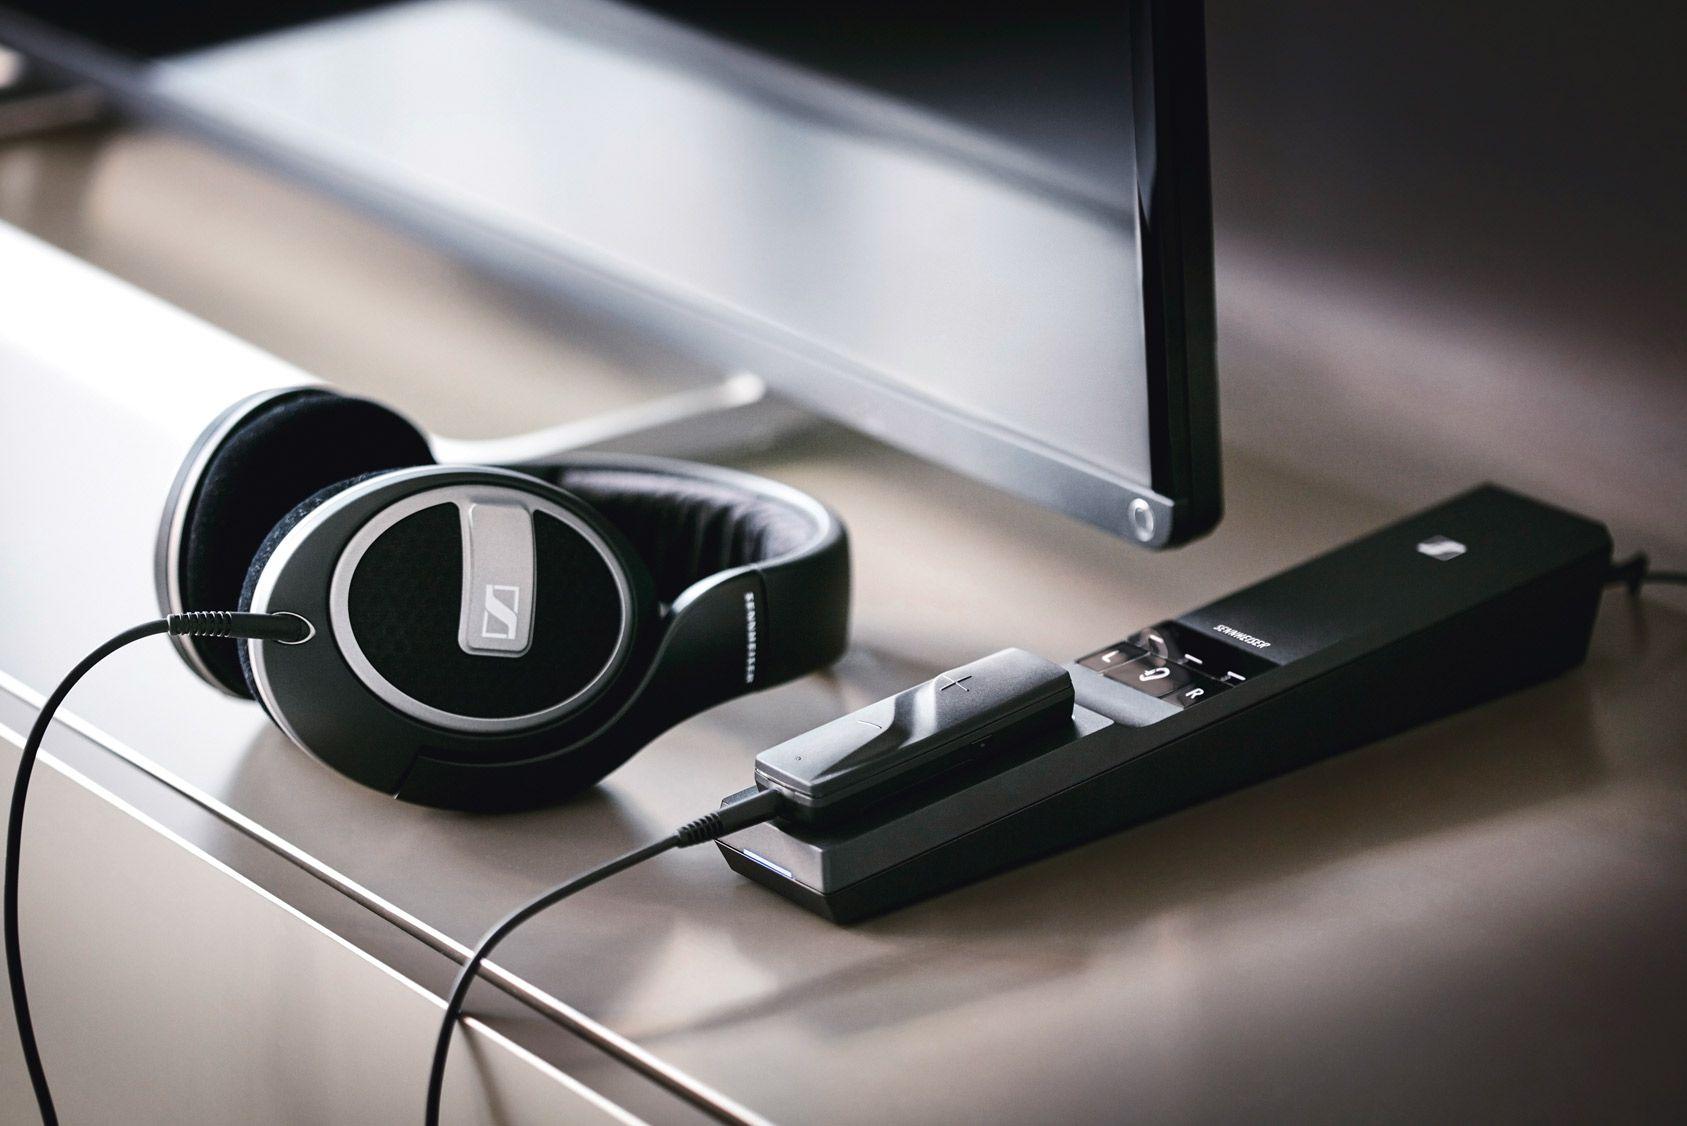 Nos essais: système audio-numérique, Sennheiser-Flex 5000, améliorez le son de votre TV